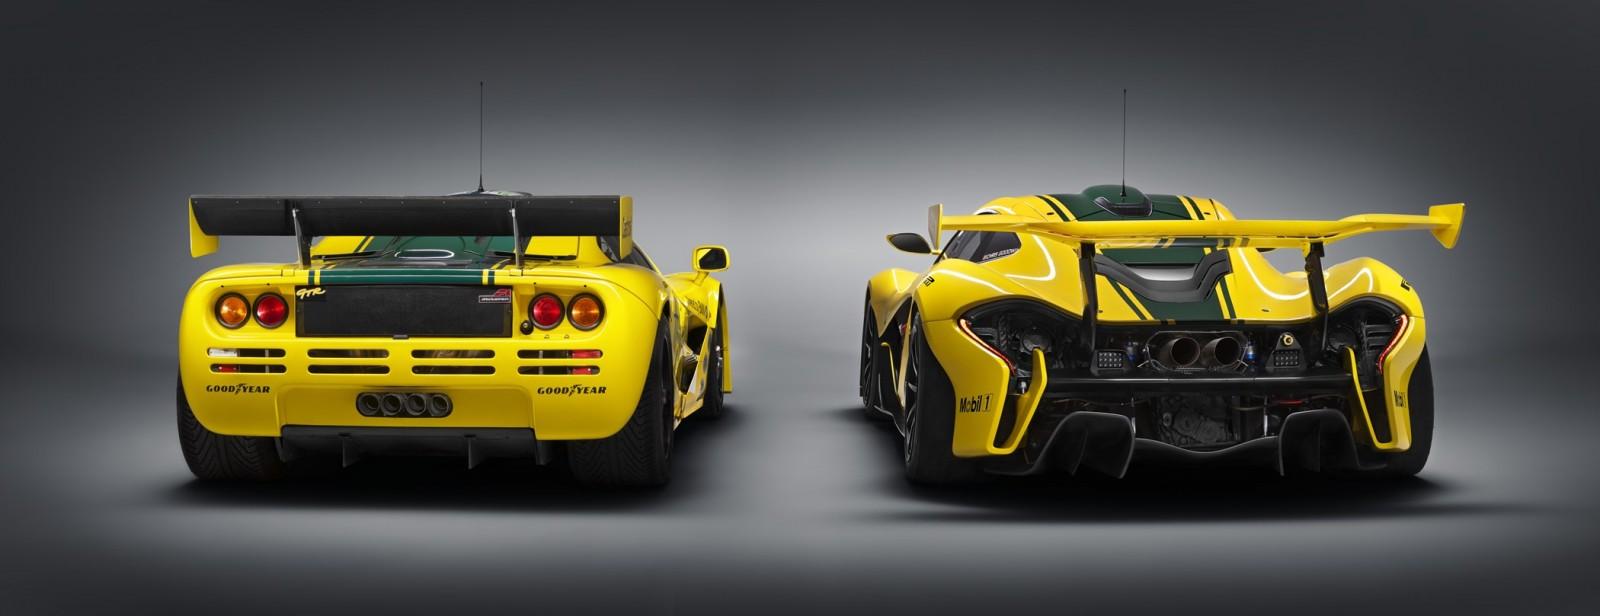 2016 McLaren P1 GTR Yellow 13